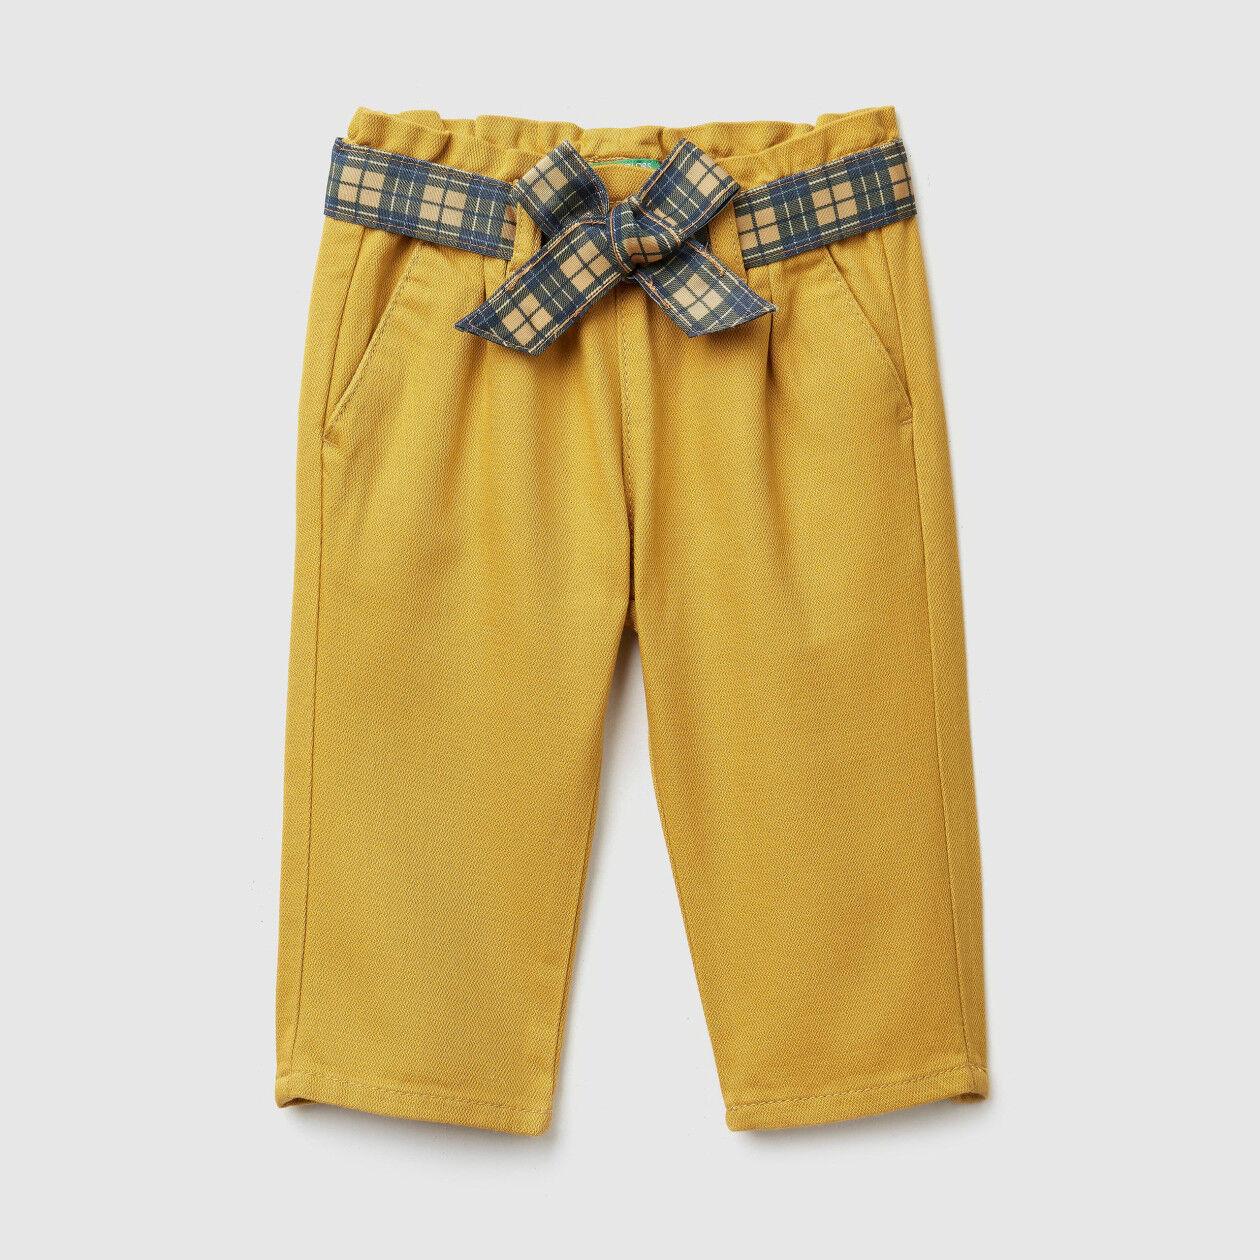 Pantalon avec large ceinture à nouer